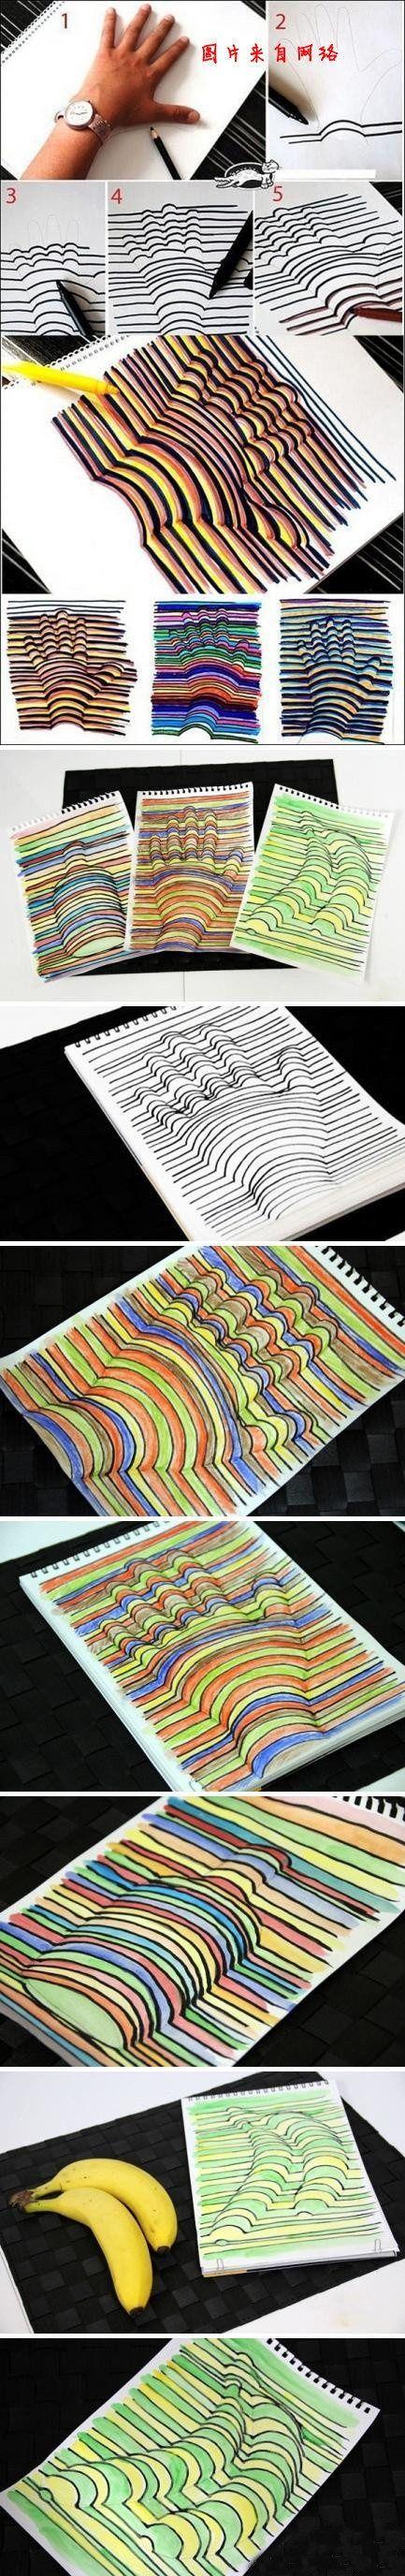 Dessins relief super heros dibujos proyectos de arte et el arte de la artesan a - Coloriage relief ...